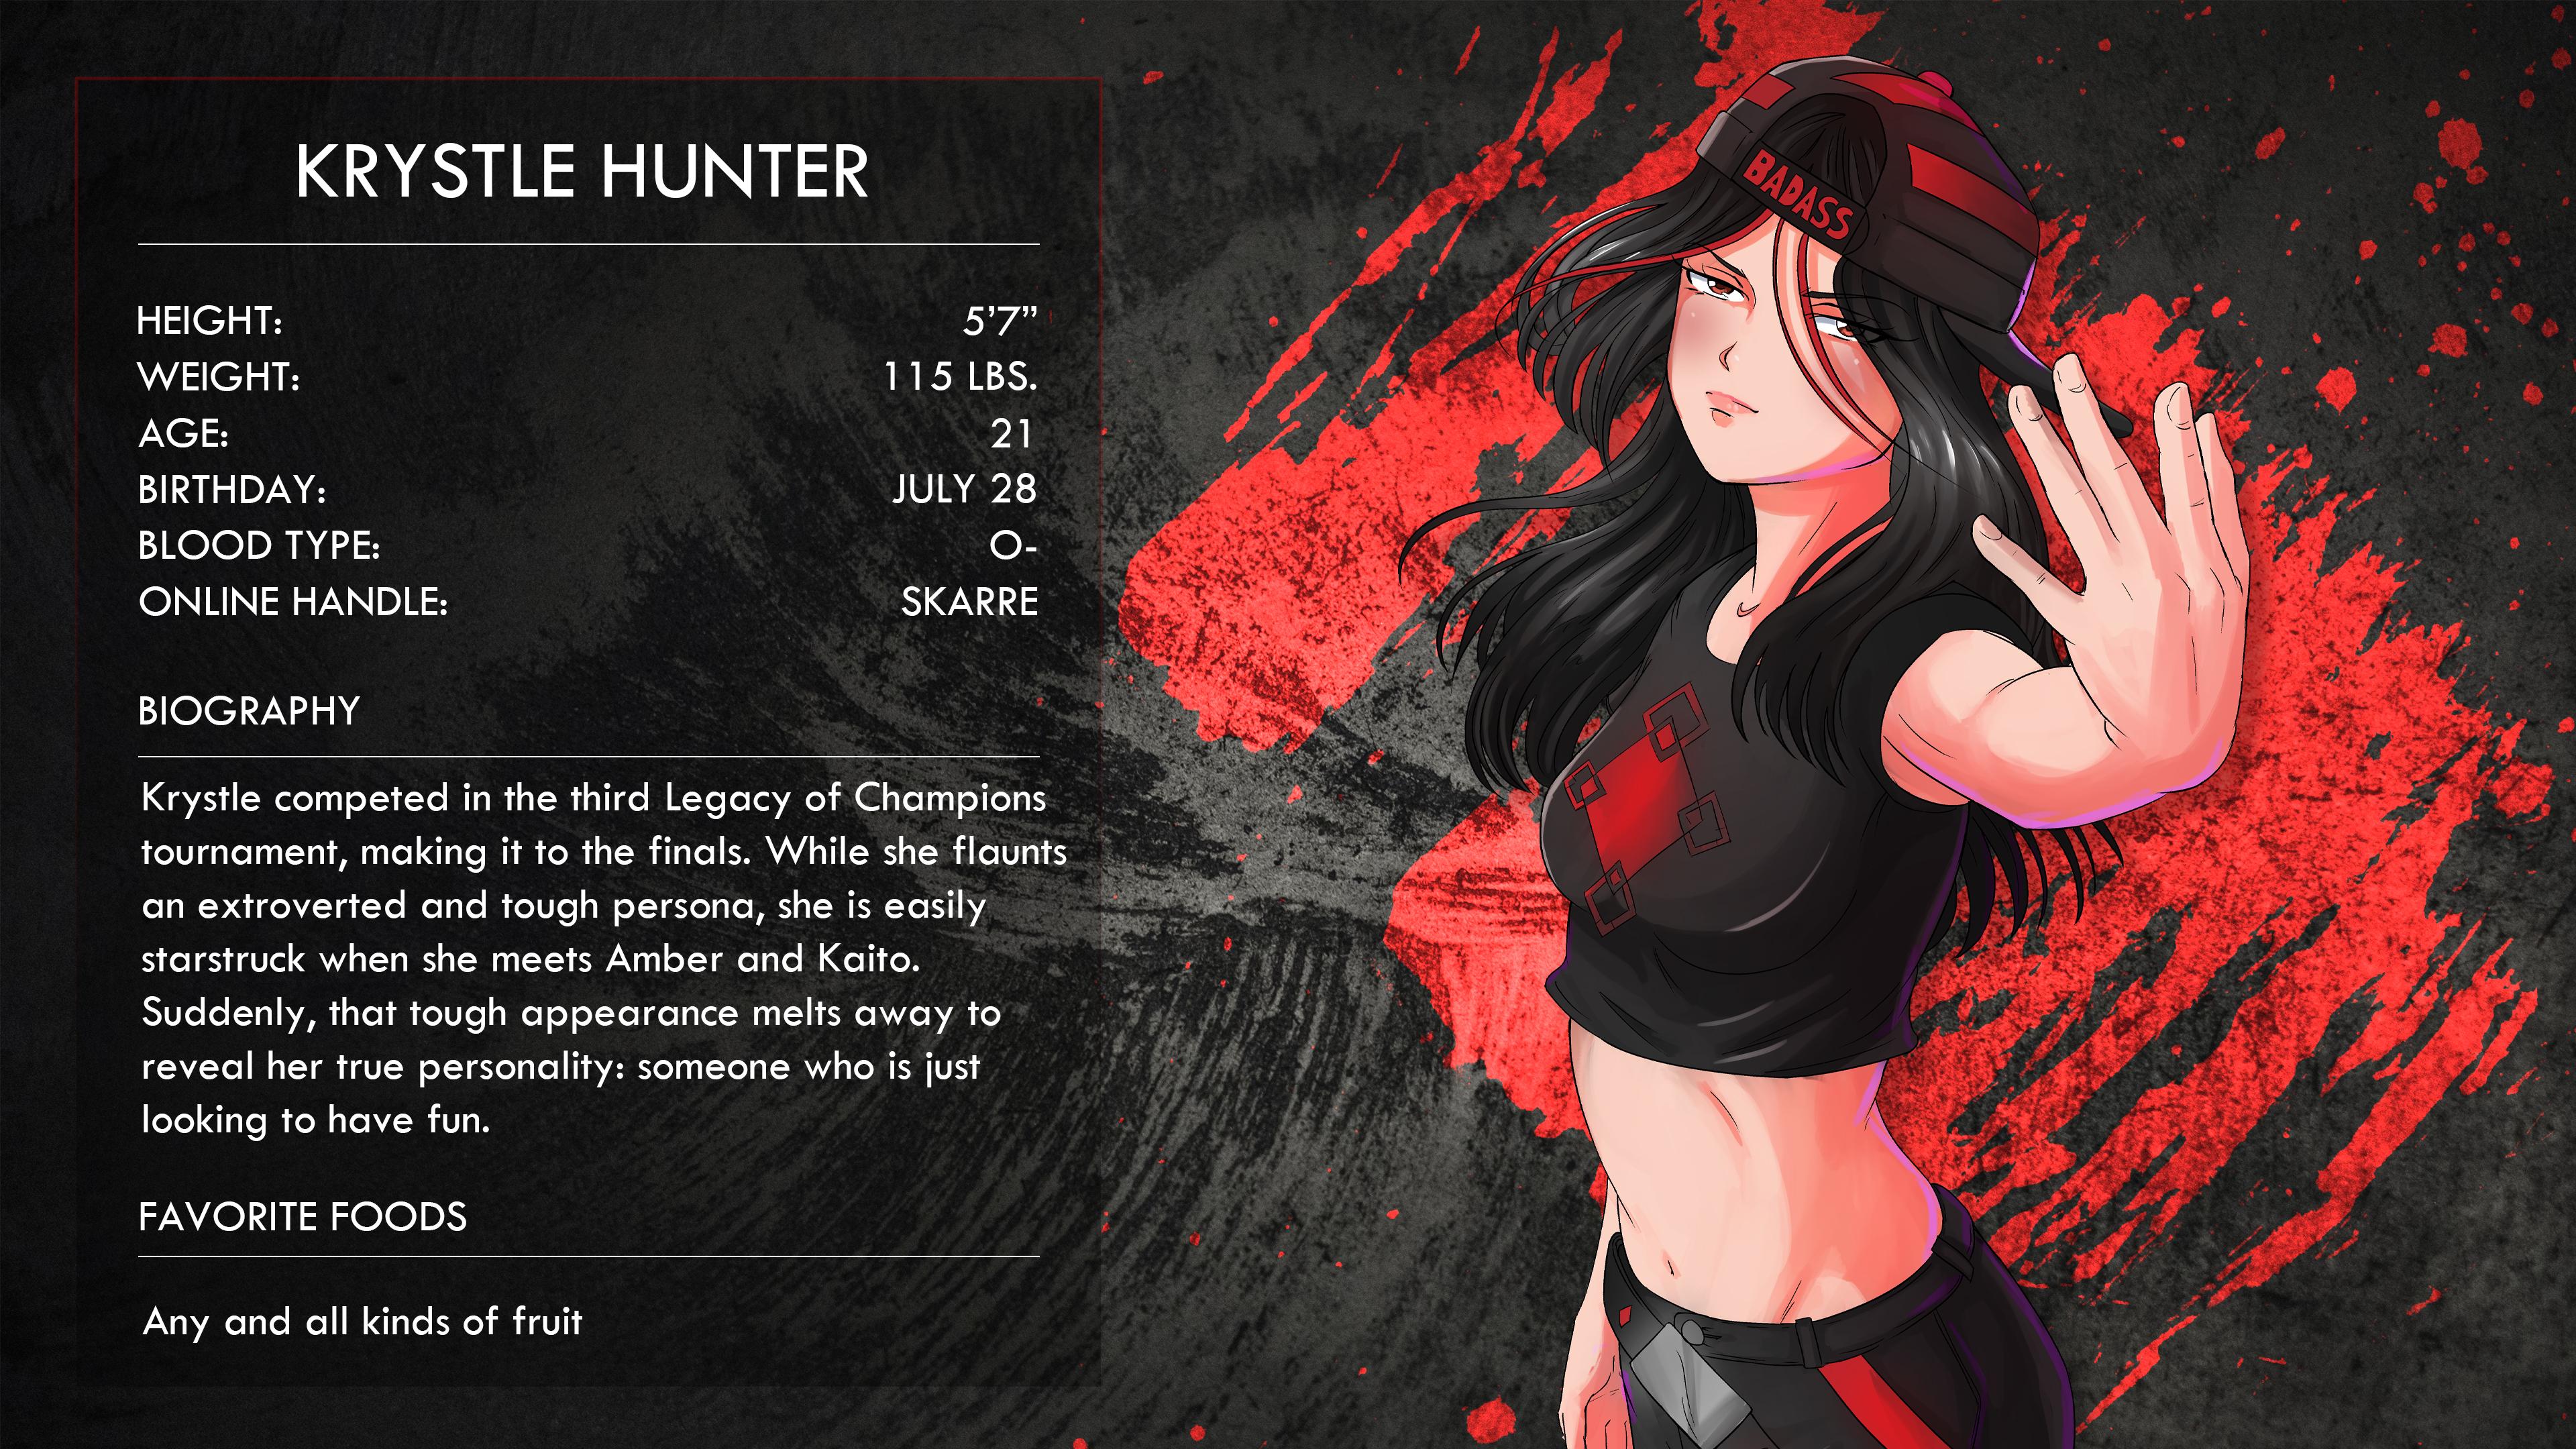 Krystle Hunter